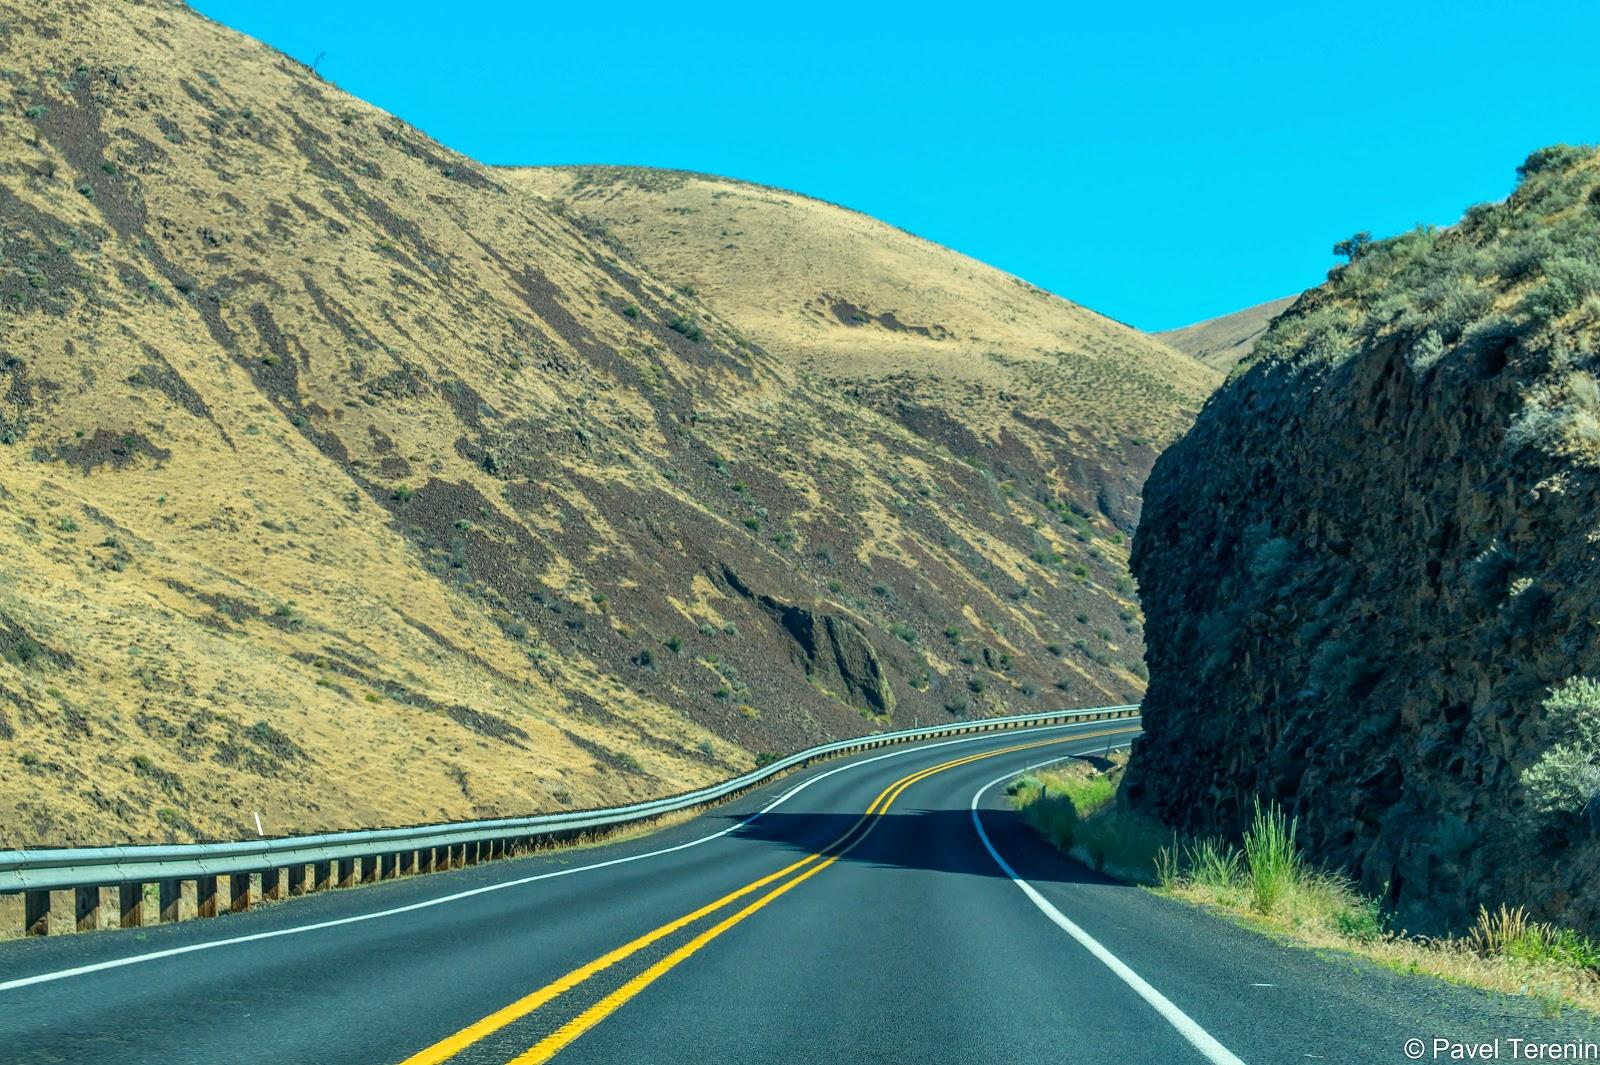 Выехав из Якимы, мы сразу свернули на дорогу, проходящую по  самому настоящему каньону.